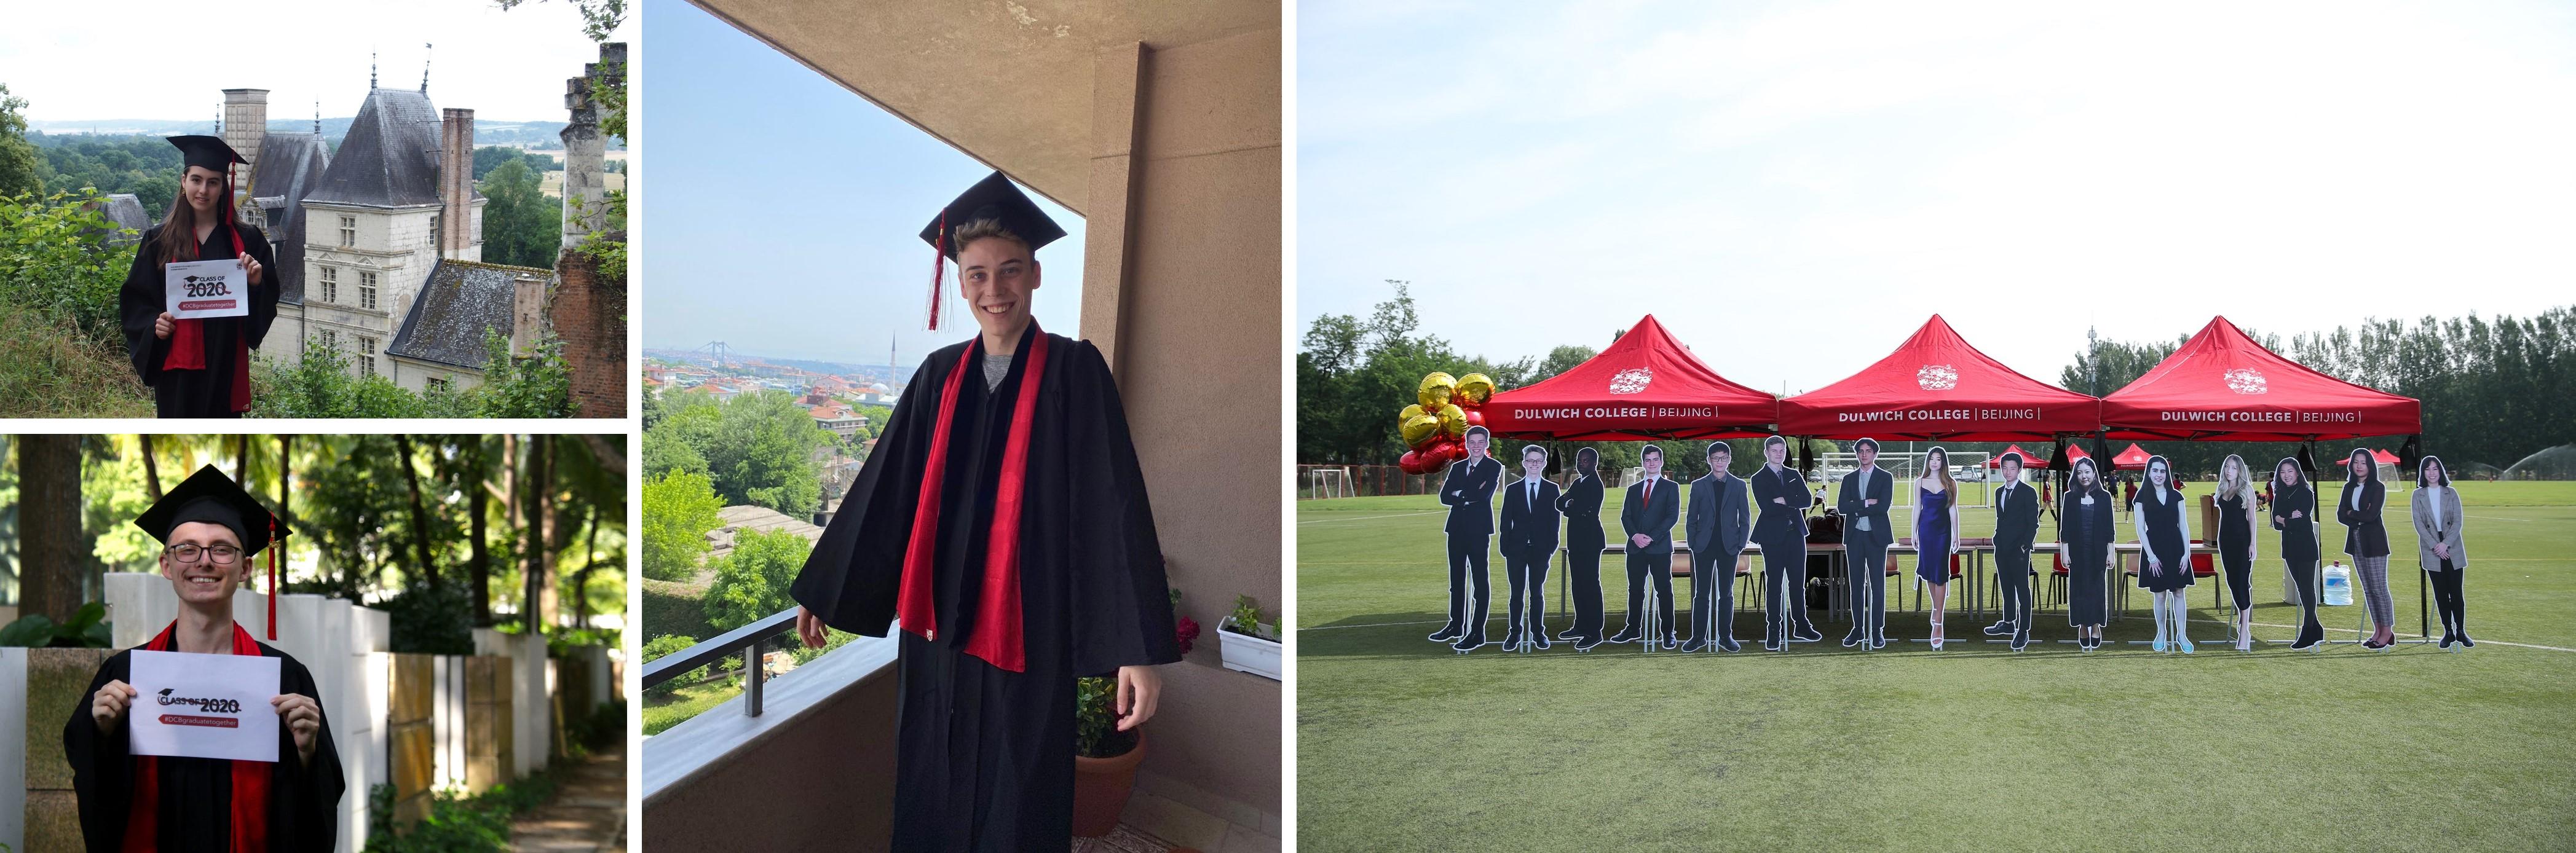 overseas-graduates-北京德威英国国际学校-20200701-110958-822